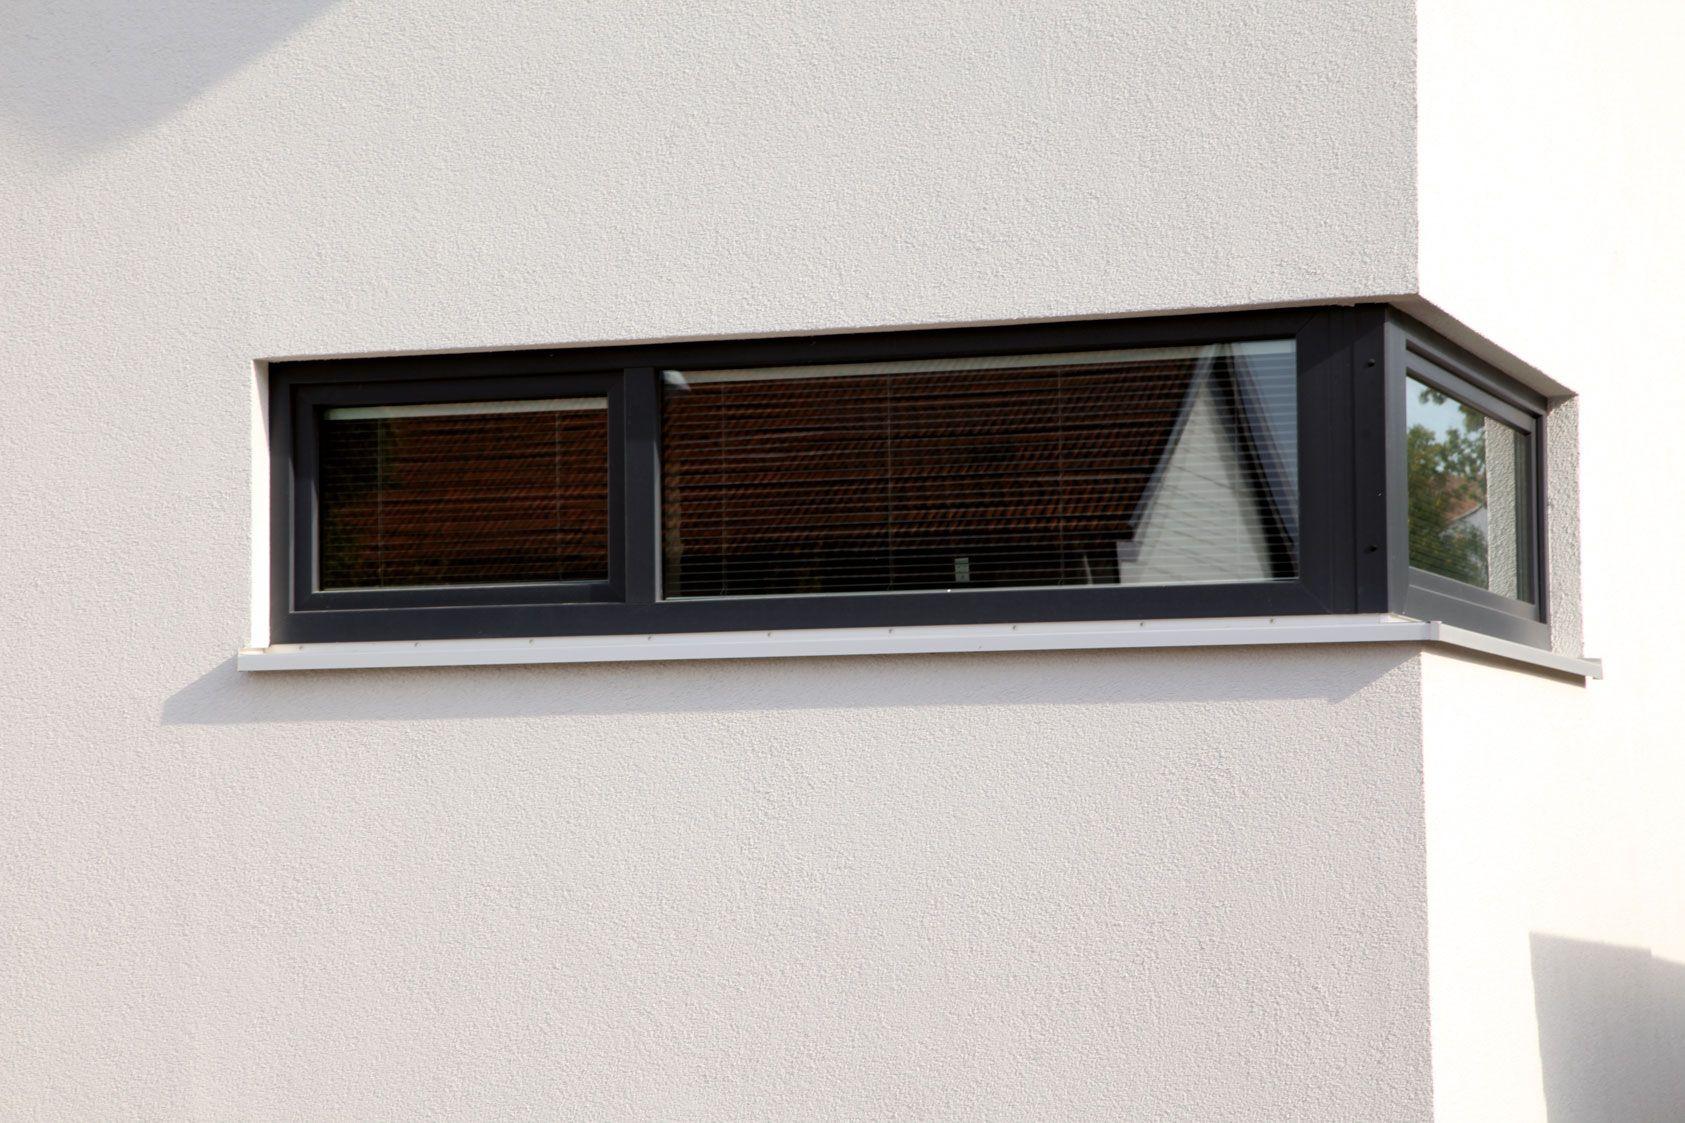 Quer liegendes eckfenster einfamilienhaus sonnenplatz for Fenster quer